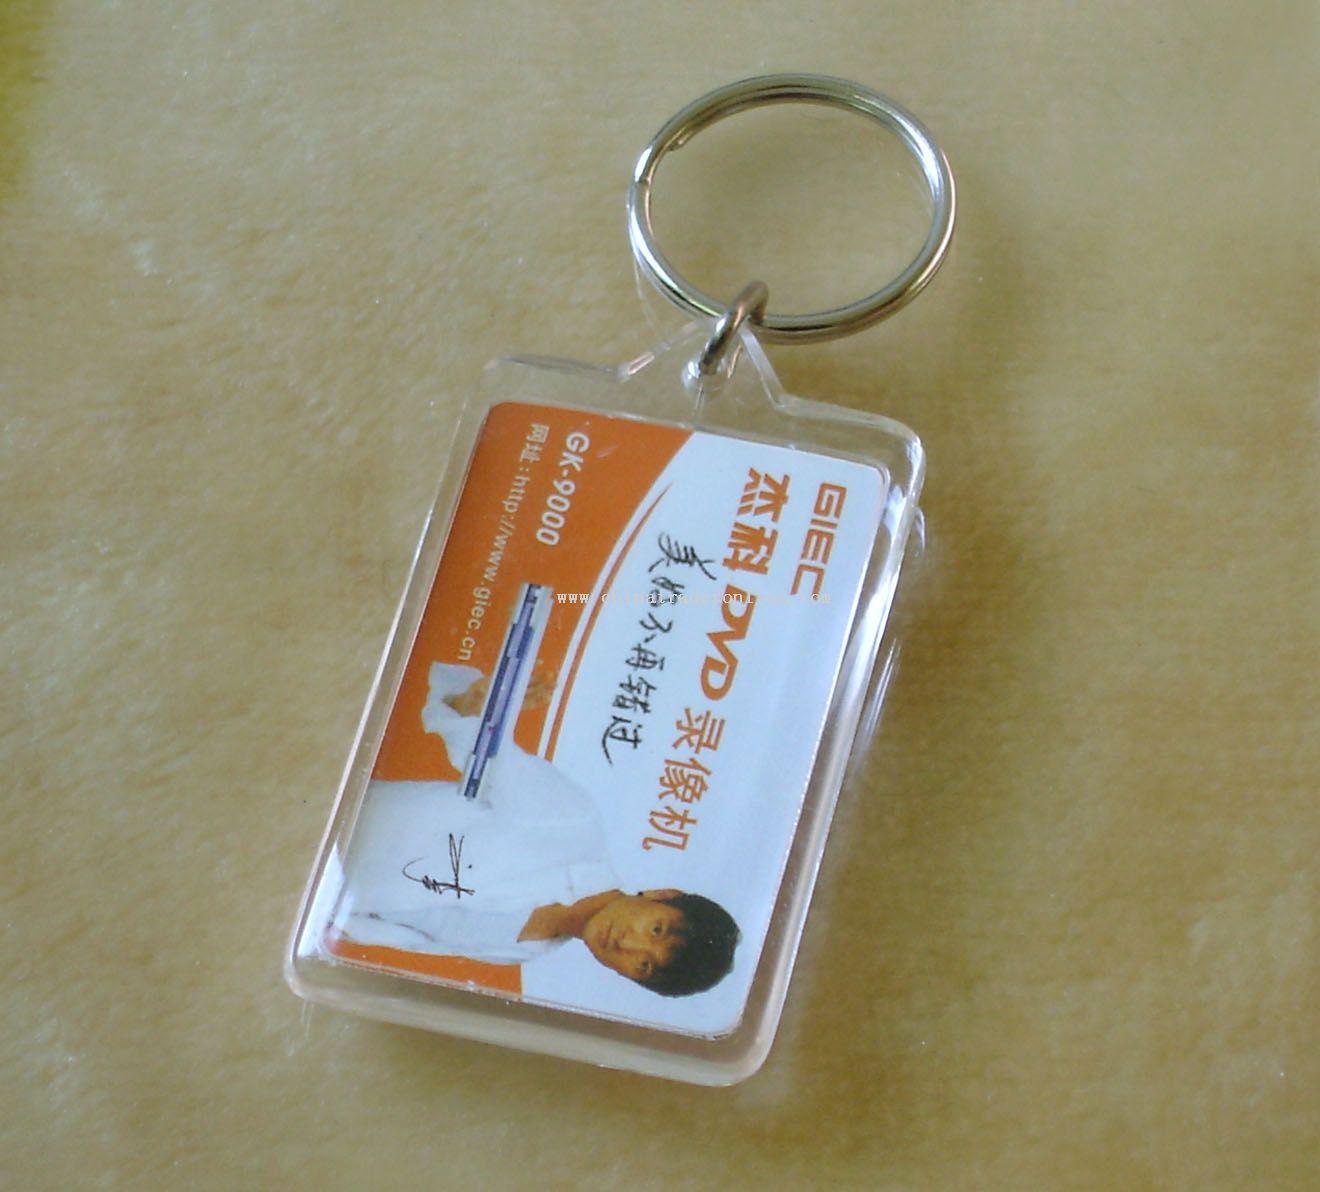 Acrylic ultrasonic keychain